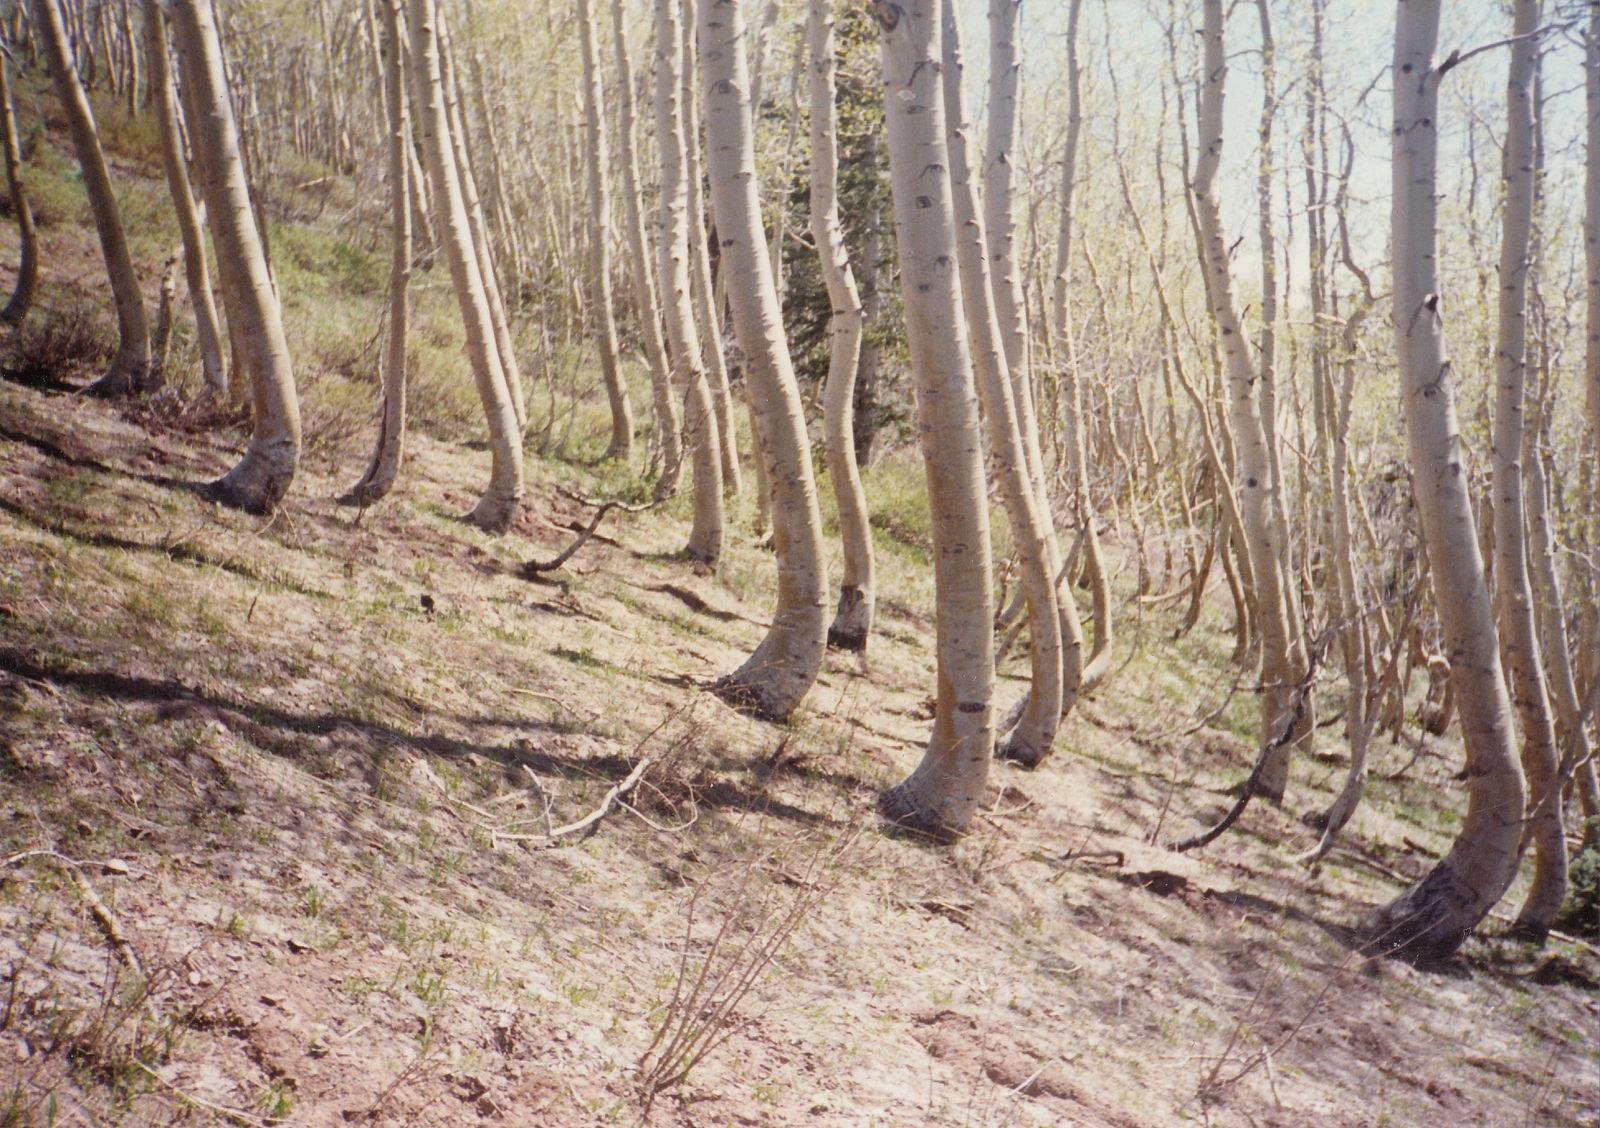 Árvores em uma ladeira.  As árvores estão dobradas na base.  Parece que as árvores cresceram inicialmente e depois o chão mudou.